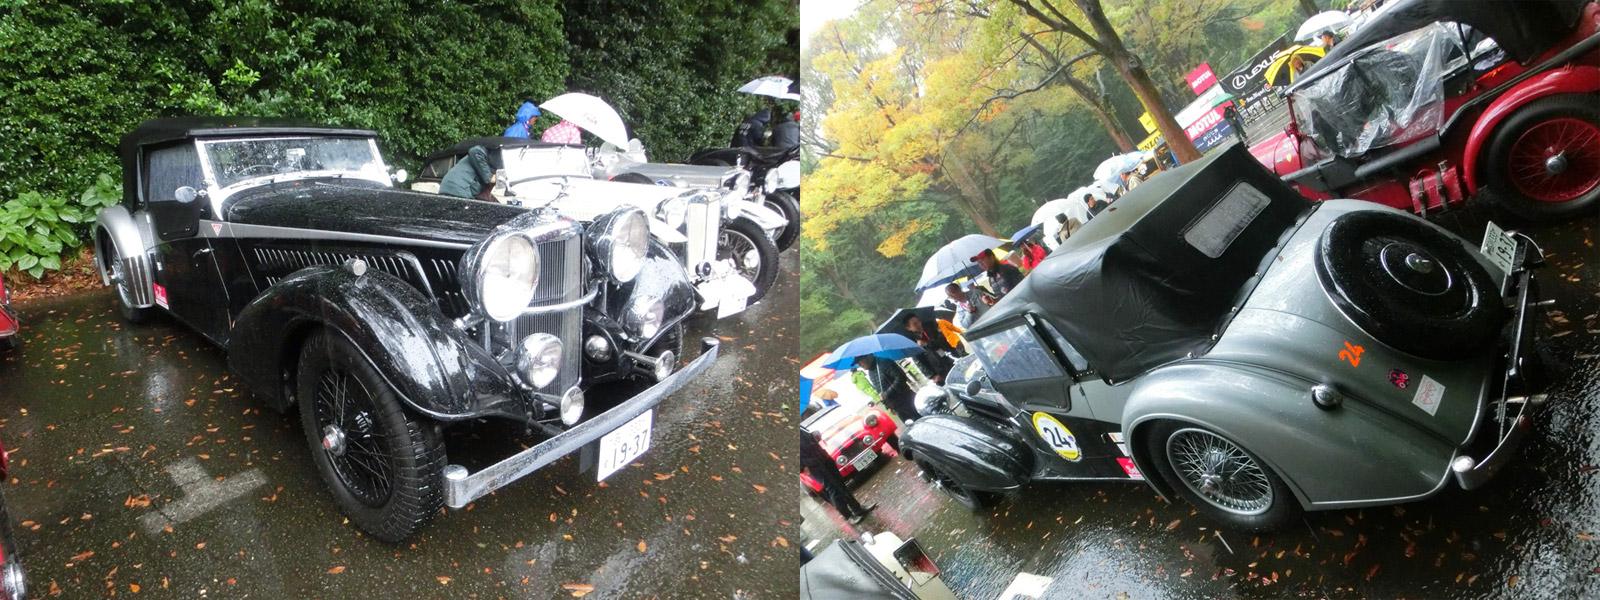 大雨の中でのスタート(10月25日 東京原宿明治神宮)